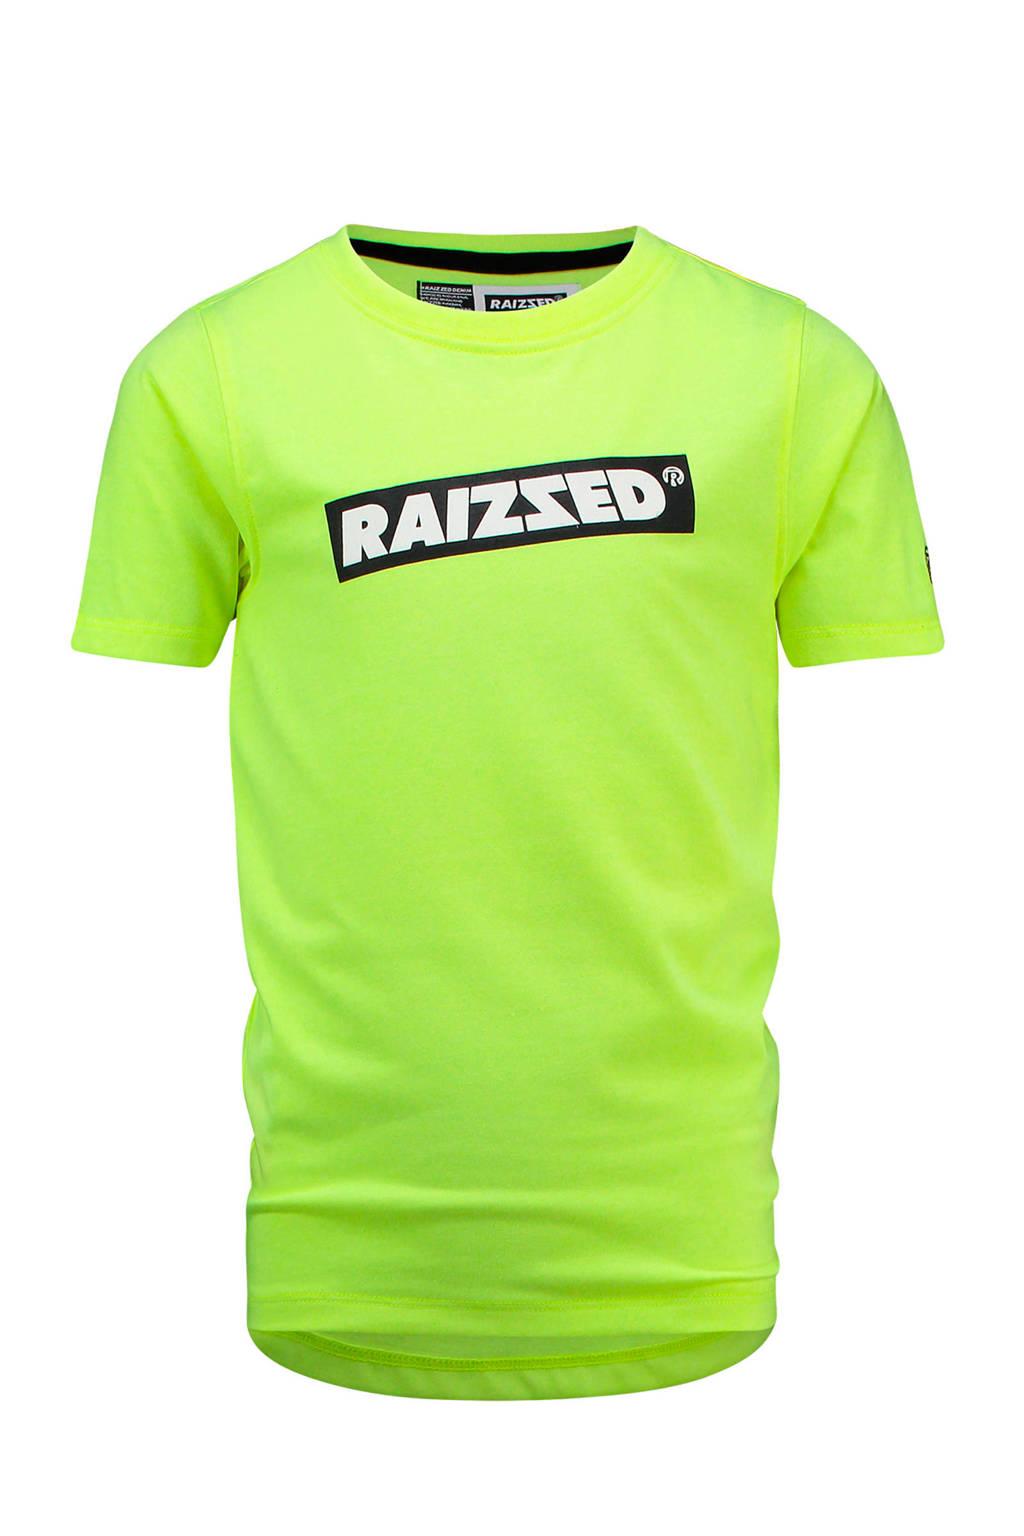 Raizzed T-shirt Hudson met logo limegroen, Limegroen